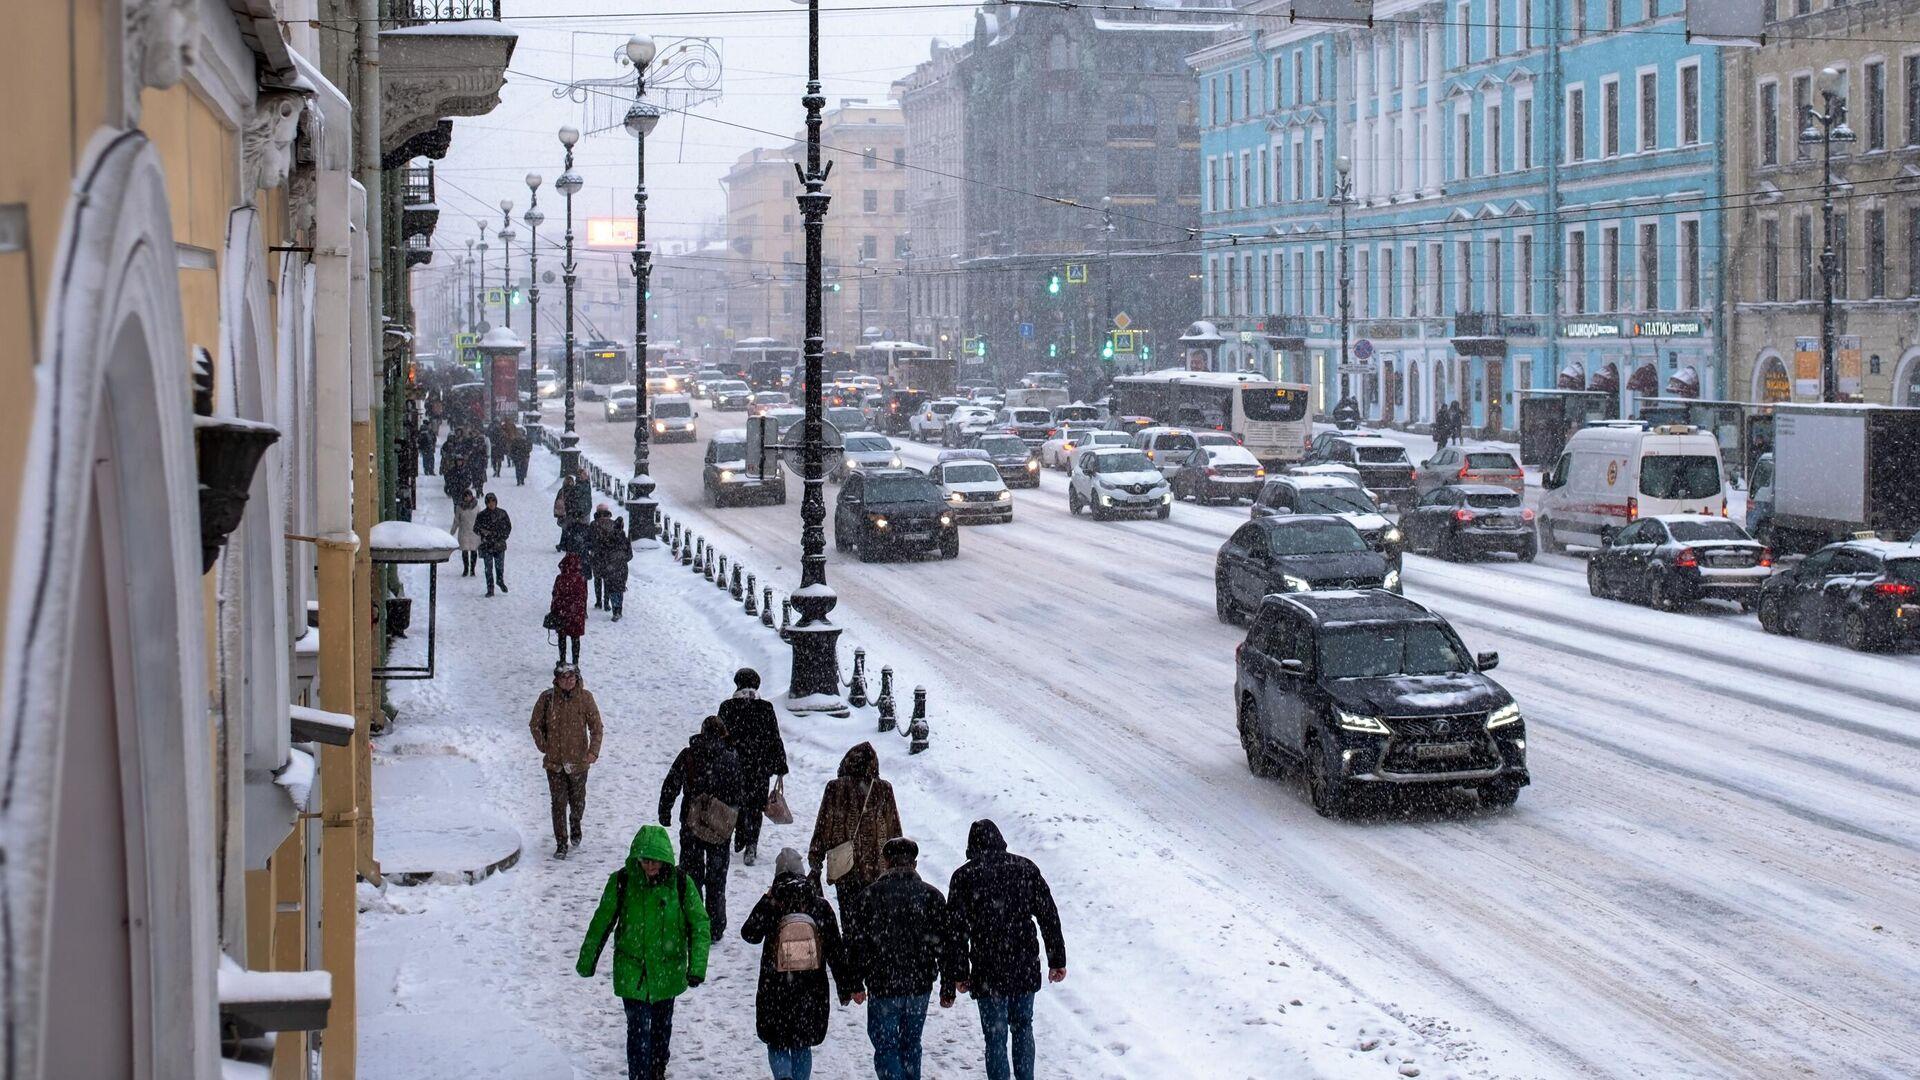 На Невском проспекте в Санкт-Петербурге во время снегопада - РИА Новости, 1920, 01.12.2020